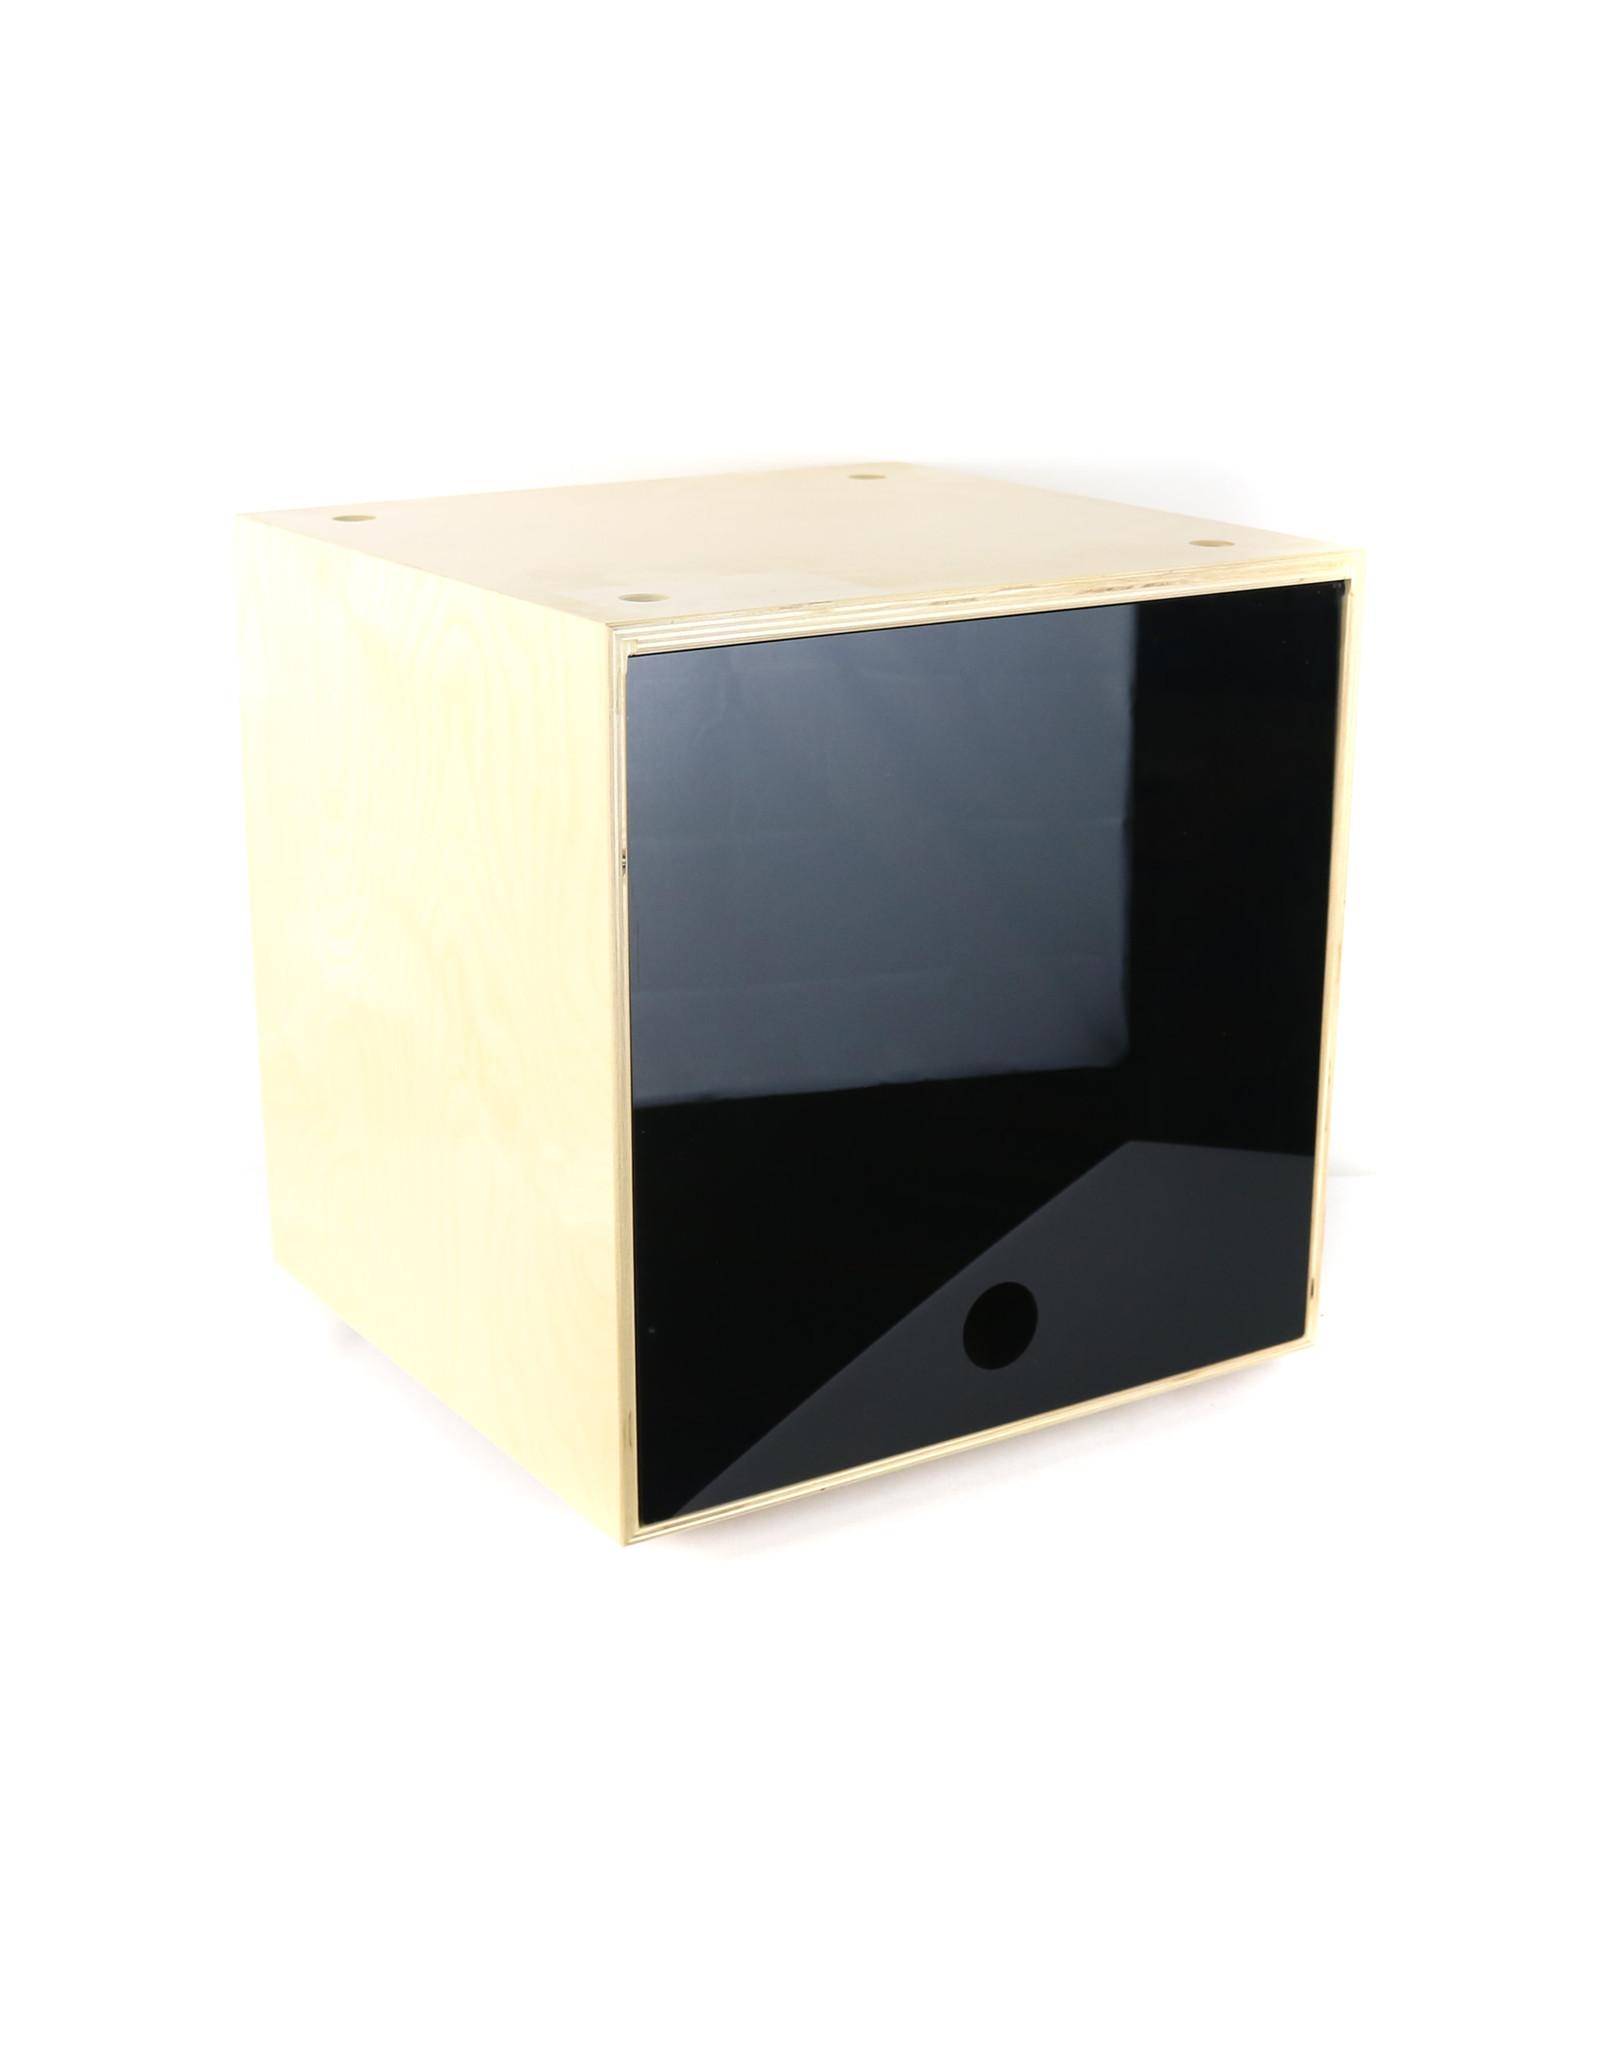 Simple Wood Goods Simple Wood Goods Storage Cube USED